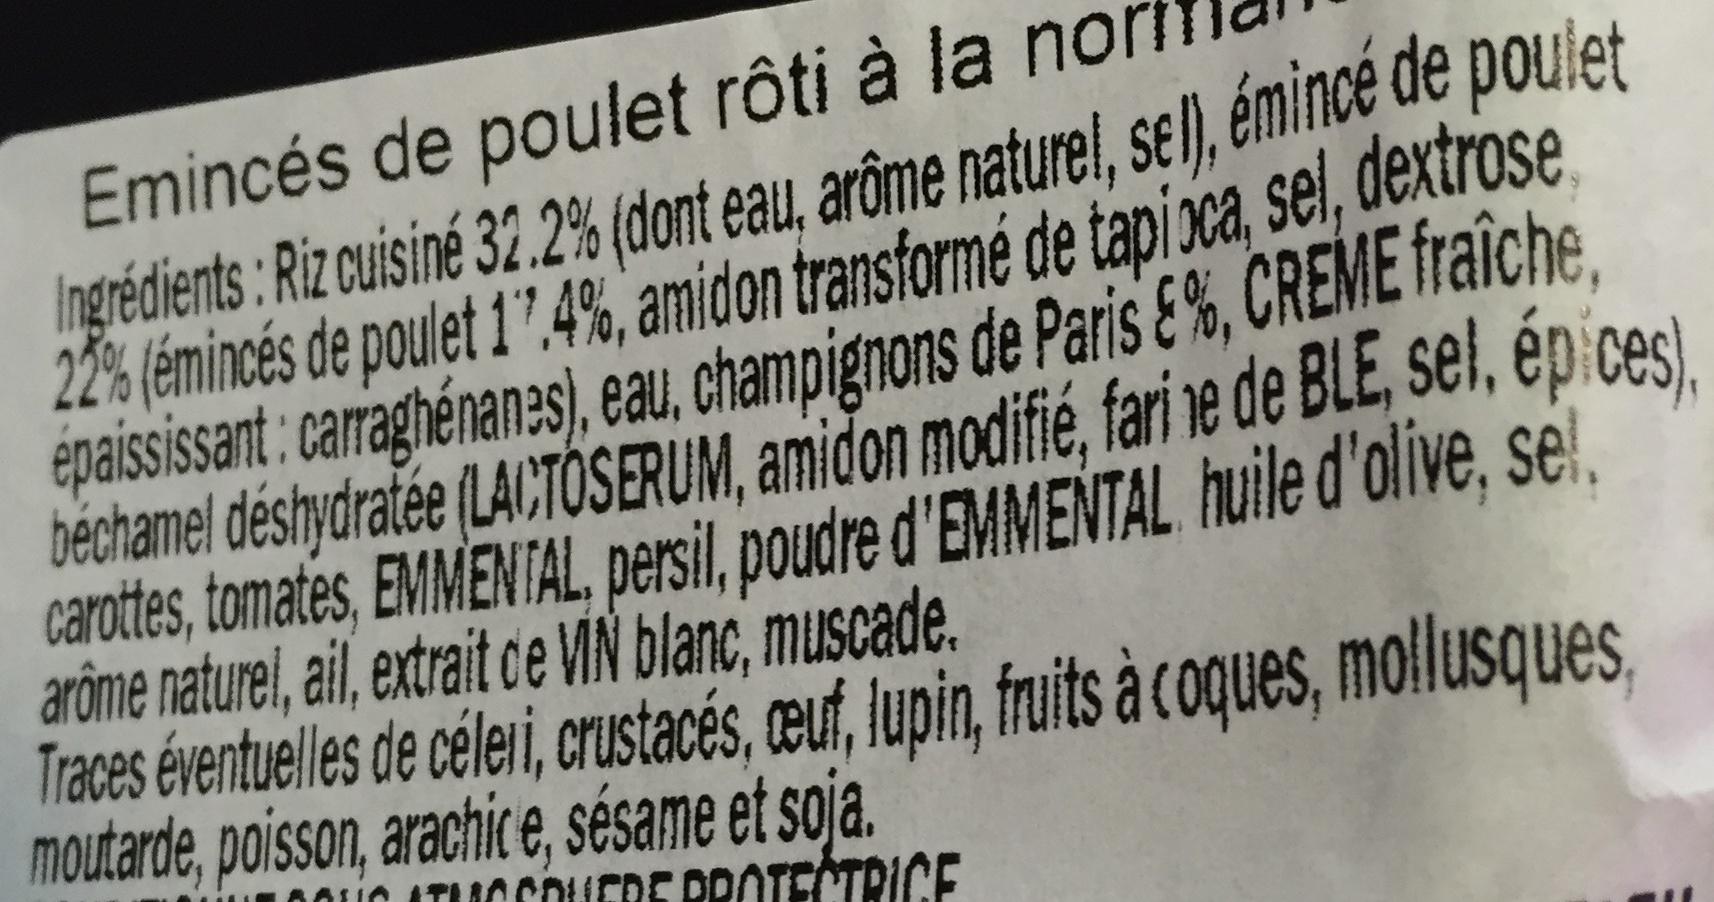 Émincé de poulet rôti à la Normande et riz - Ingrédients - fr